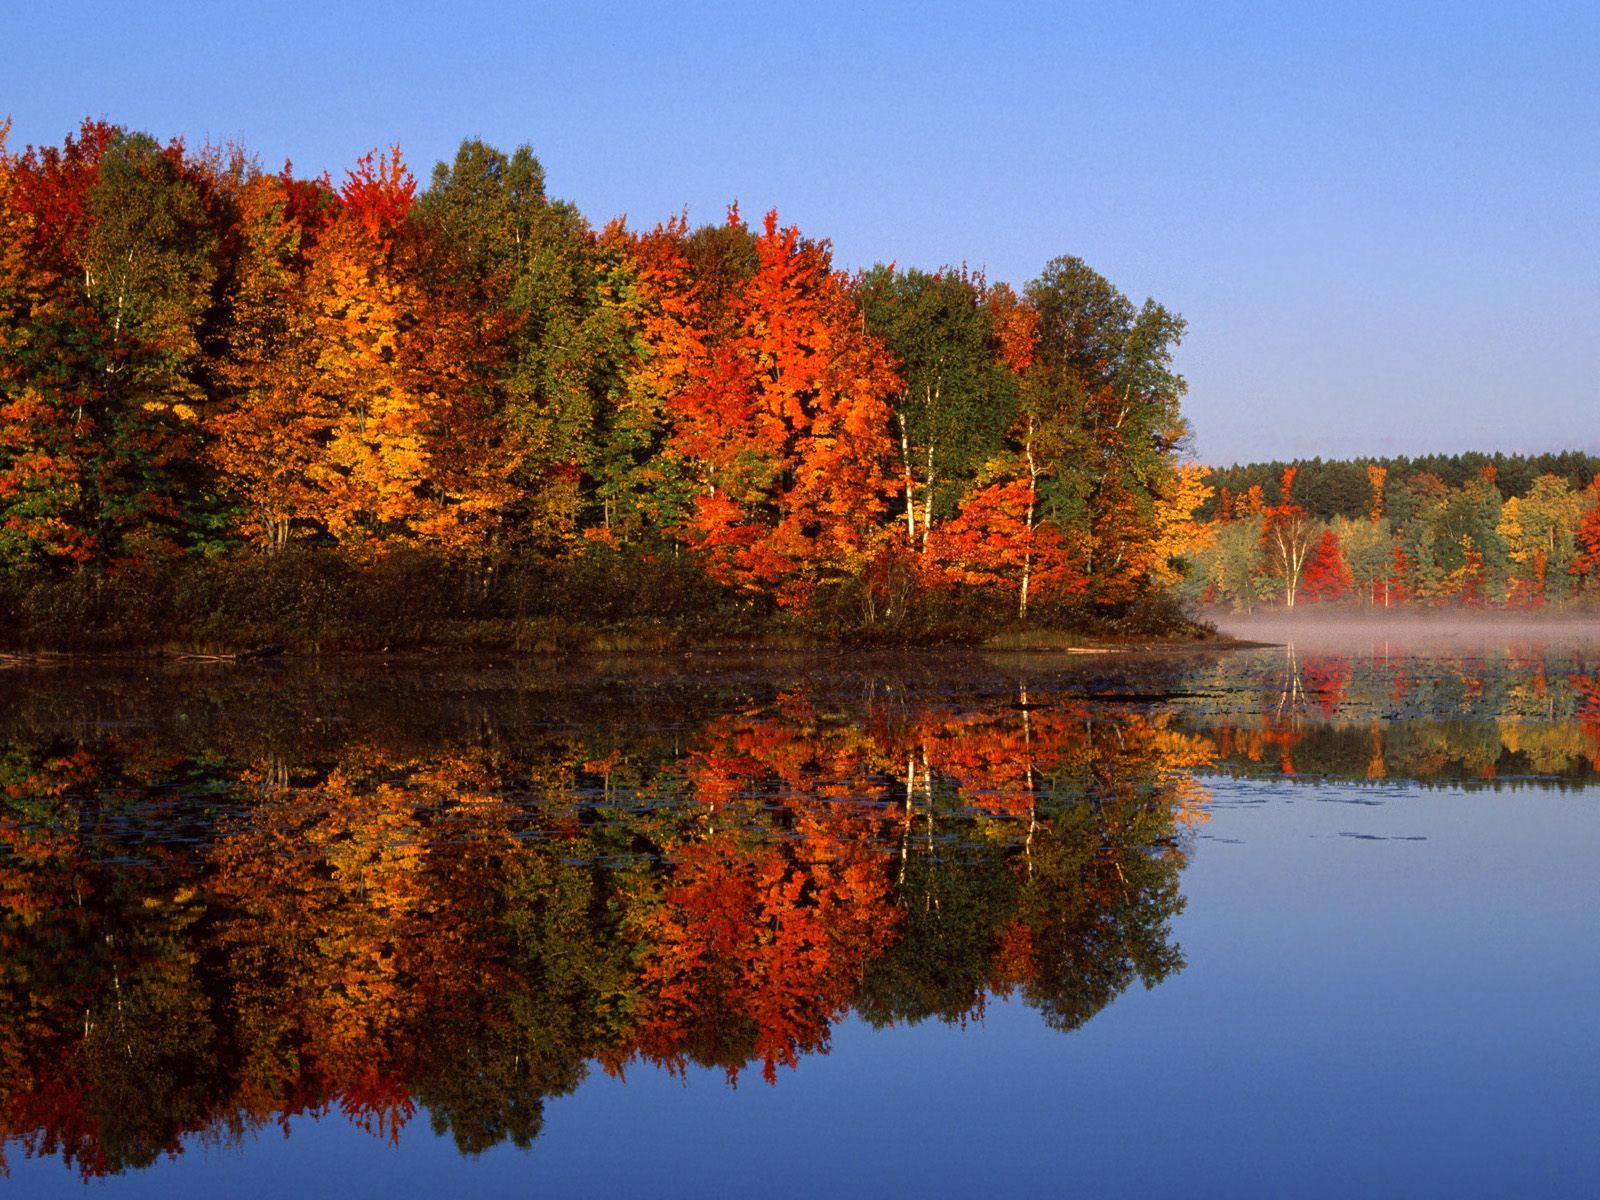 http://3.bp.blogspot.com/_8_CLn-I1Tfc/TUW0qFJRJnI/AAAAAAAABvQ/SOlVARF_Jvw/s1600/Thornton+Lake%252C+Hiawatha+National+Forest%252C+Michigan.jpg